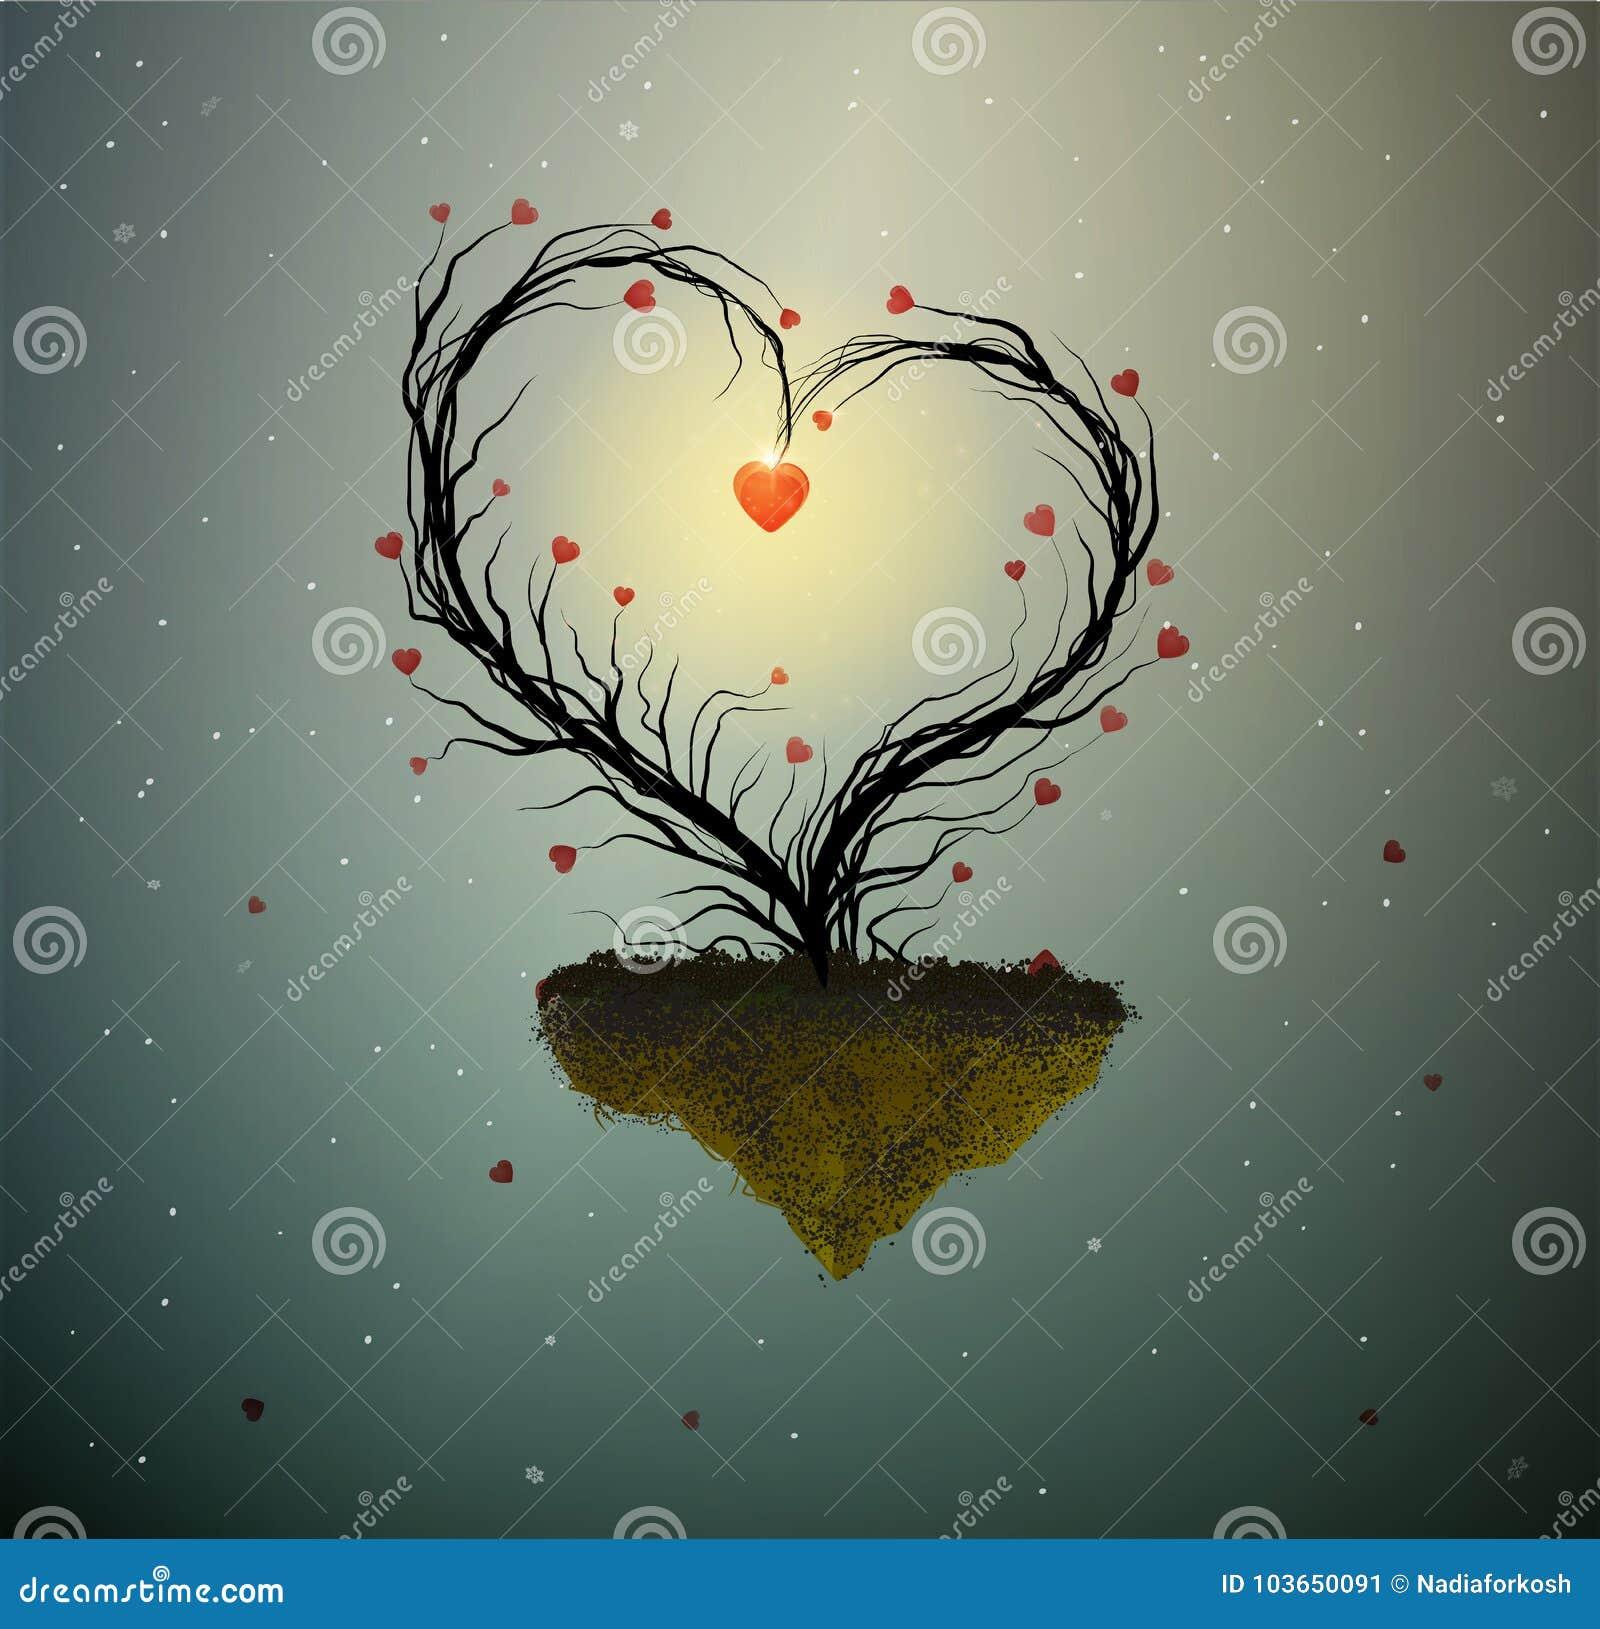 Idé för familjhem, magiskt träd av vårförälskelse, träd med hjärta med redet och två vita fåglar inom, sött hem, tillsammans